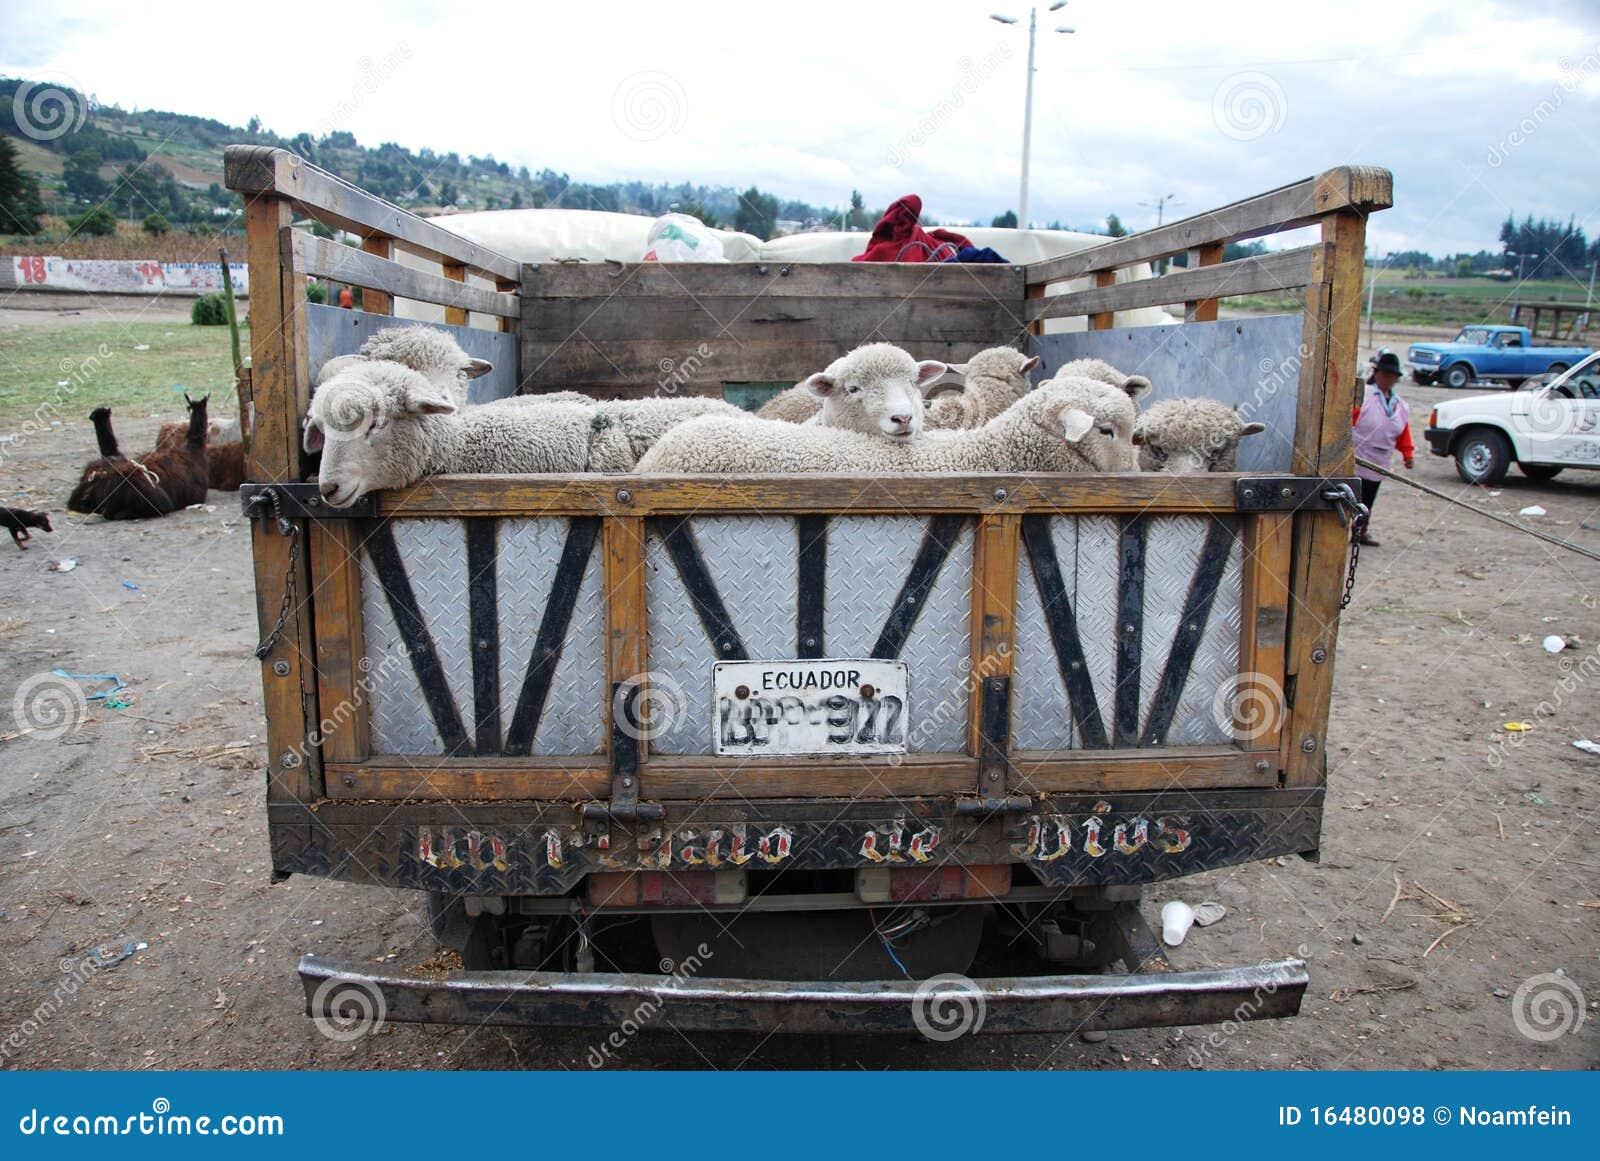 Camion d Ecuadorian complètement avec des moutons